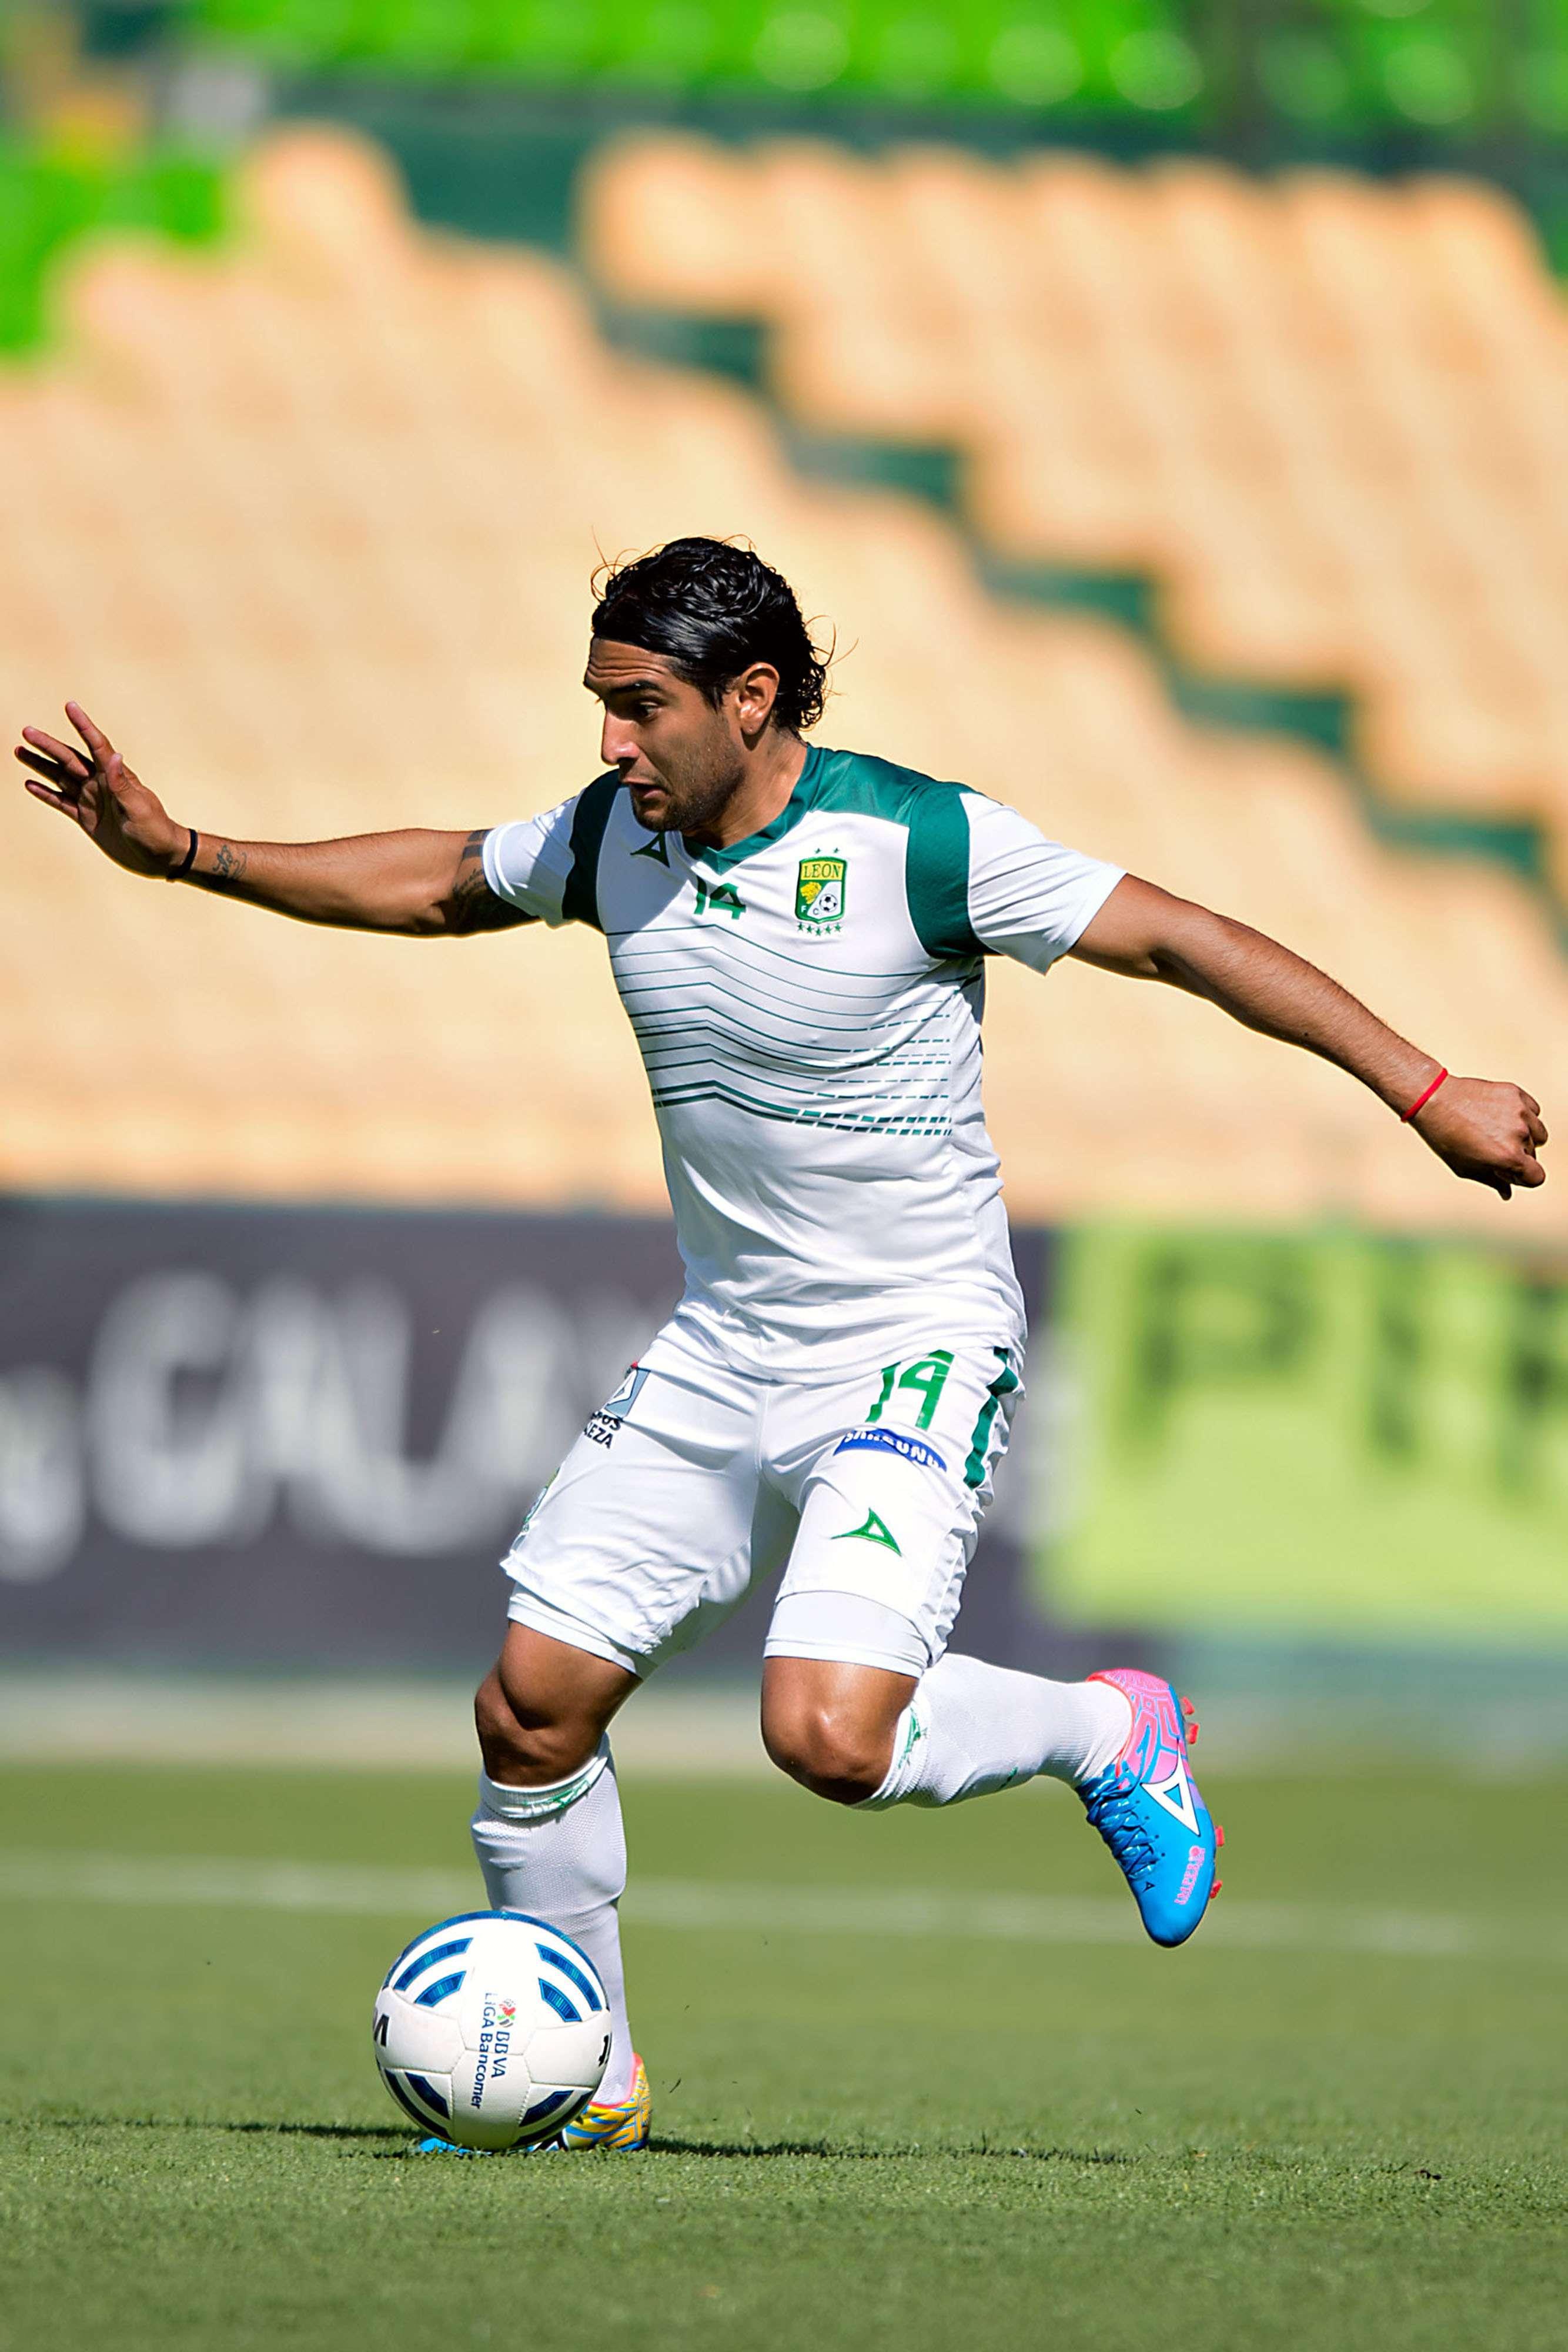 """Martín Bravo hizo un gol de los """"Panzas Verdes"""". Foto: Mexsport"""